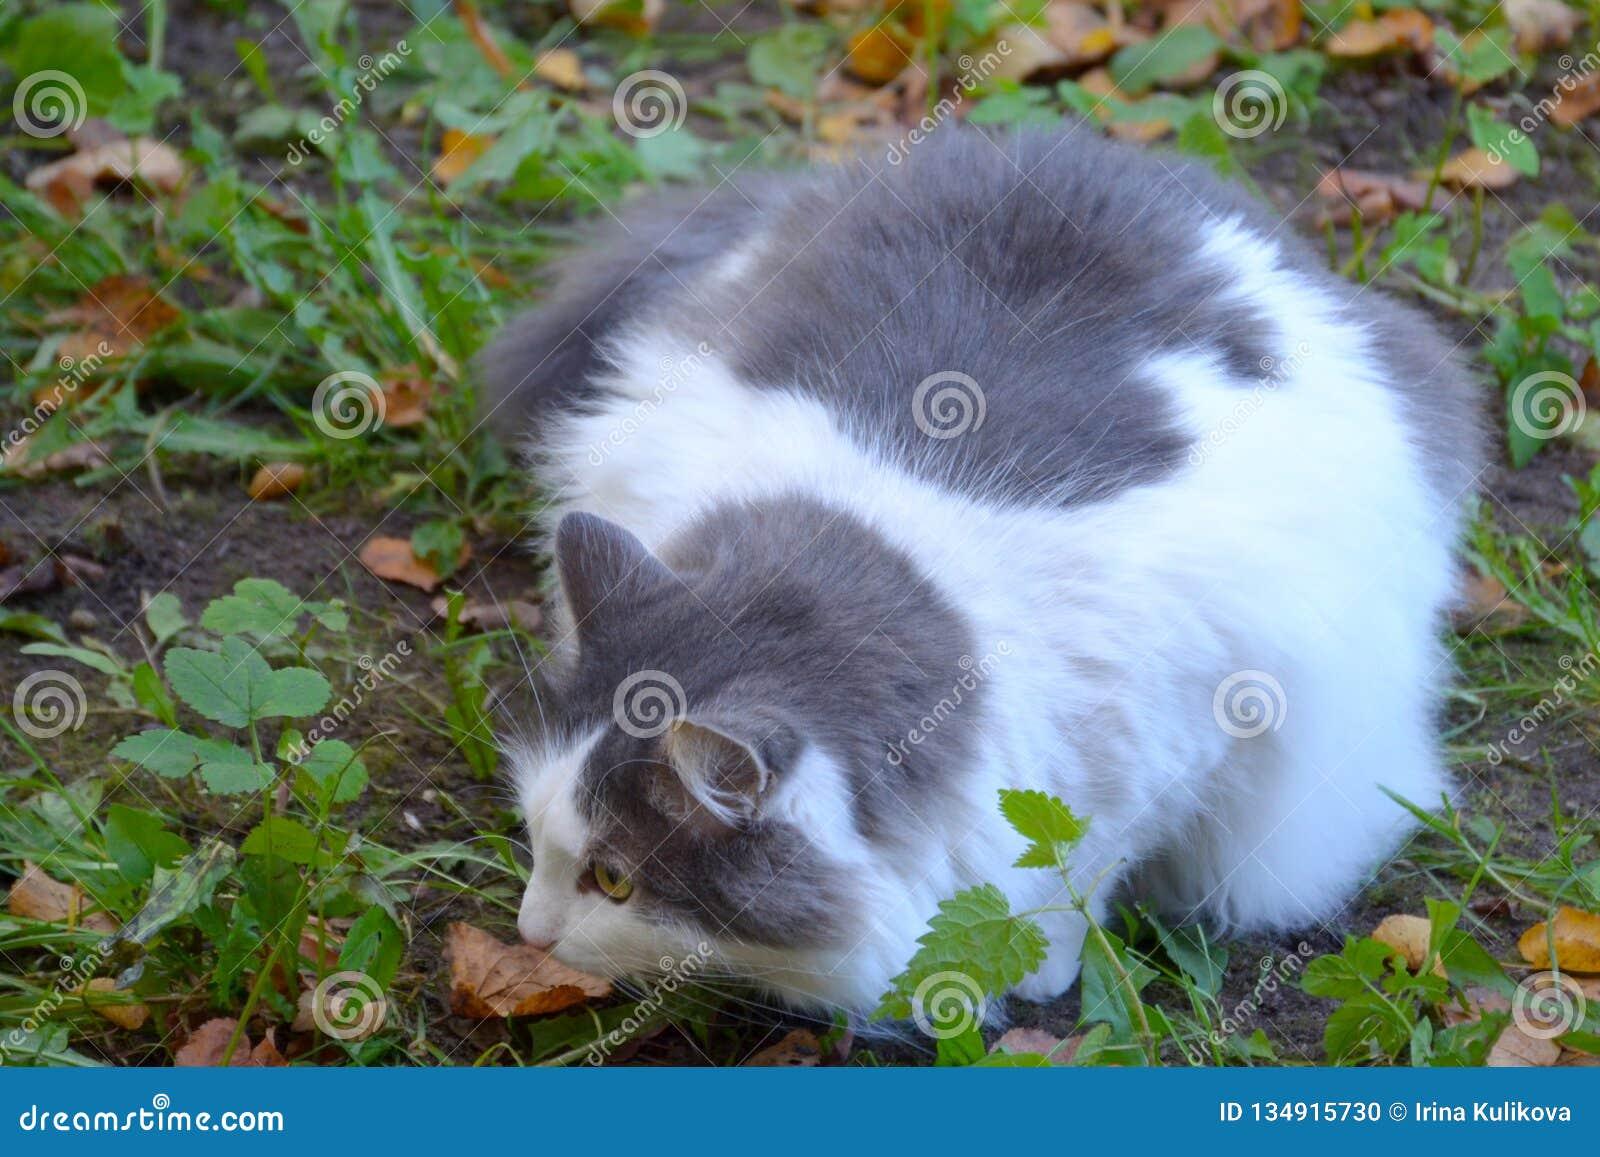 Chiuda Su Di Grigio Lanuginoso Ed Il Gatto Bianco Si è Accovacciato